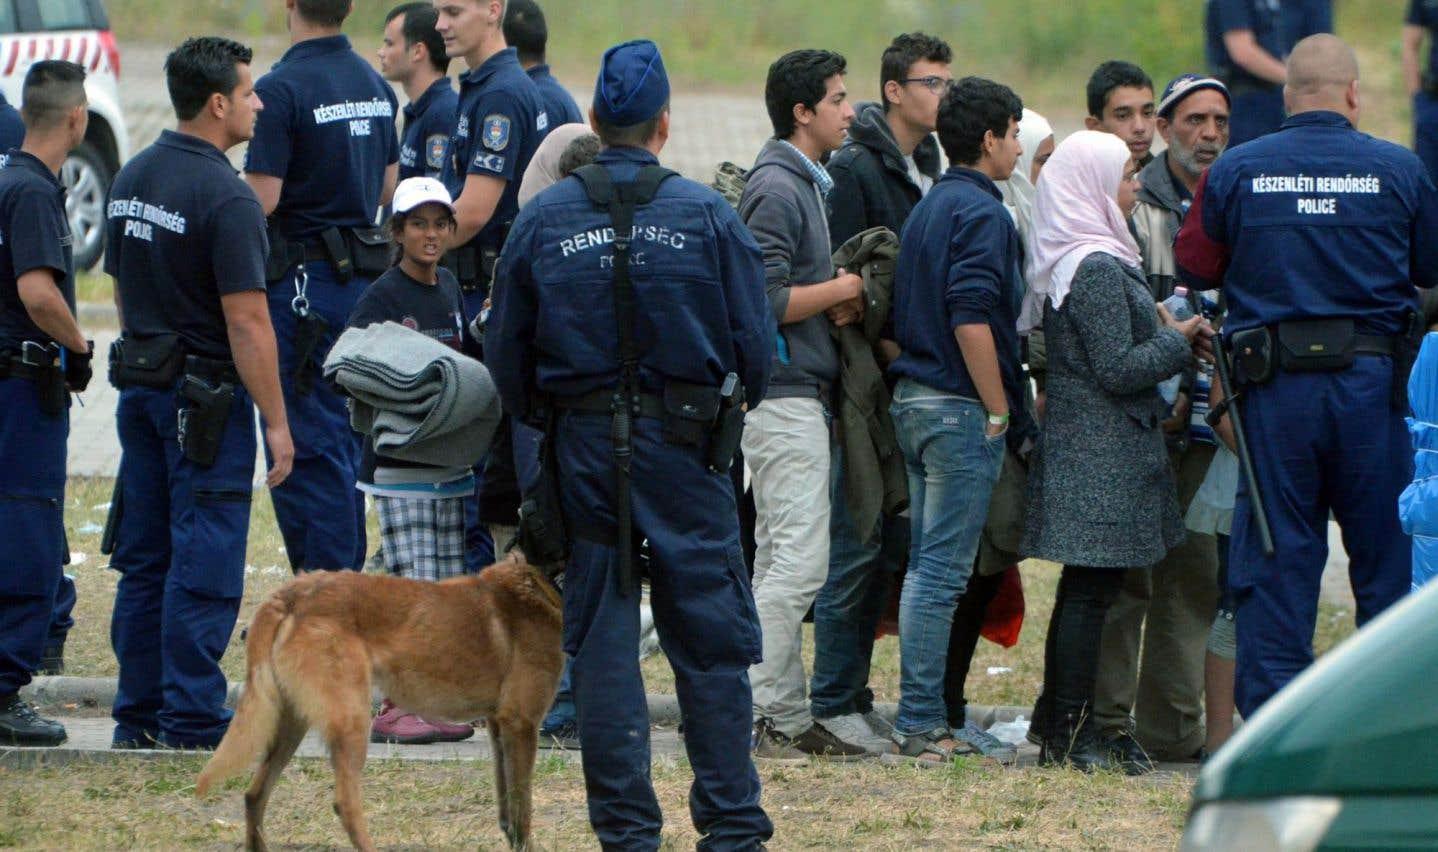 La Hongrie veut remettre les migrants en prison